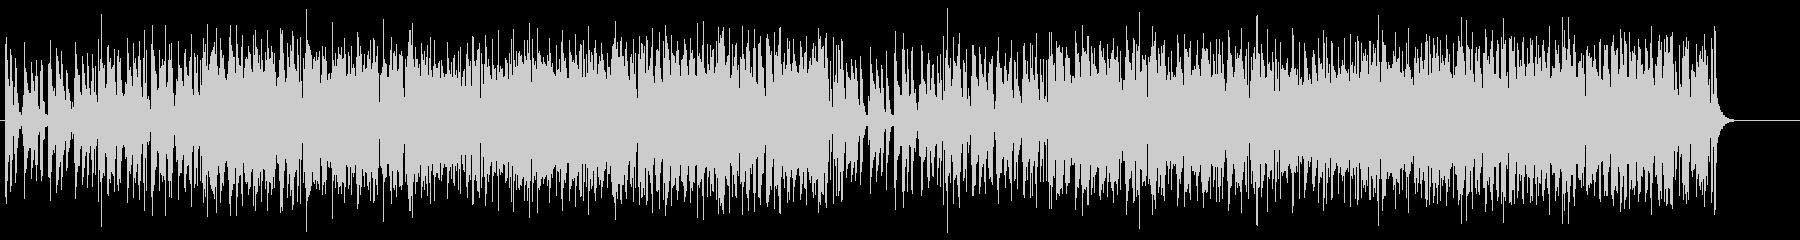 ホーンパートメインのカジュアルなポップスの未再生の波形